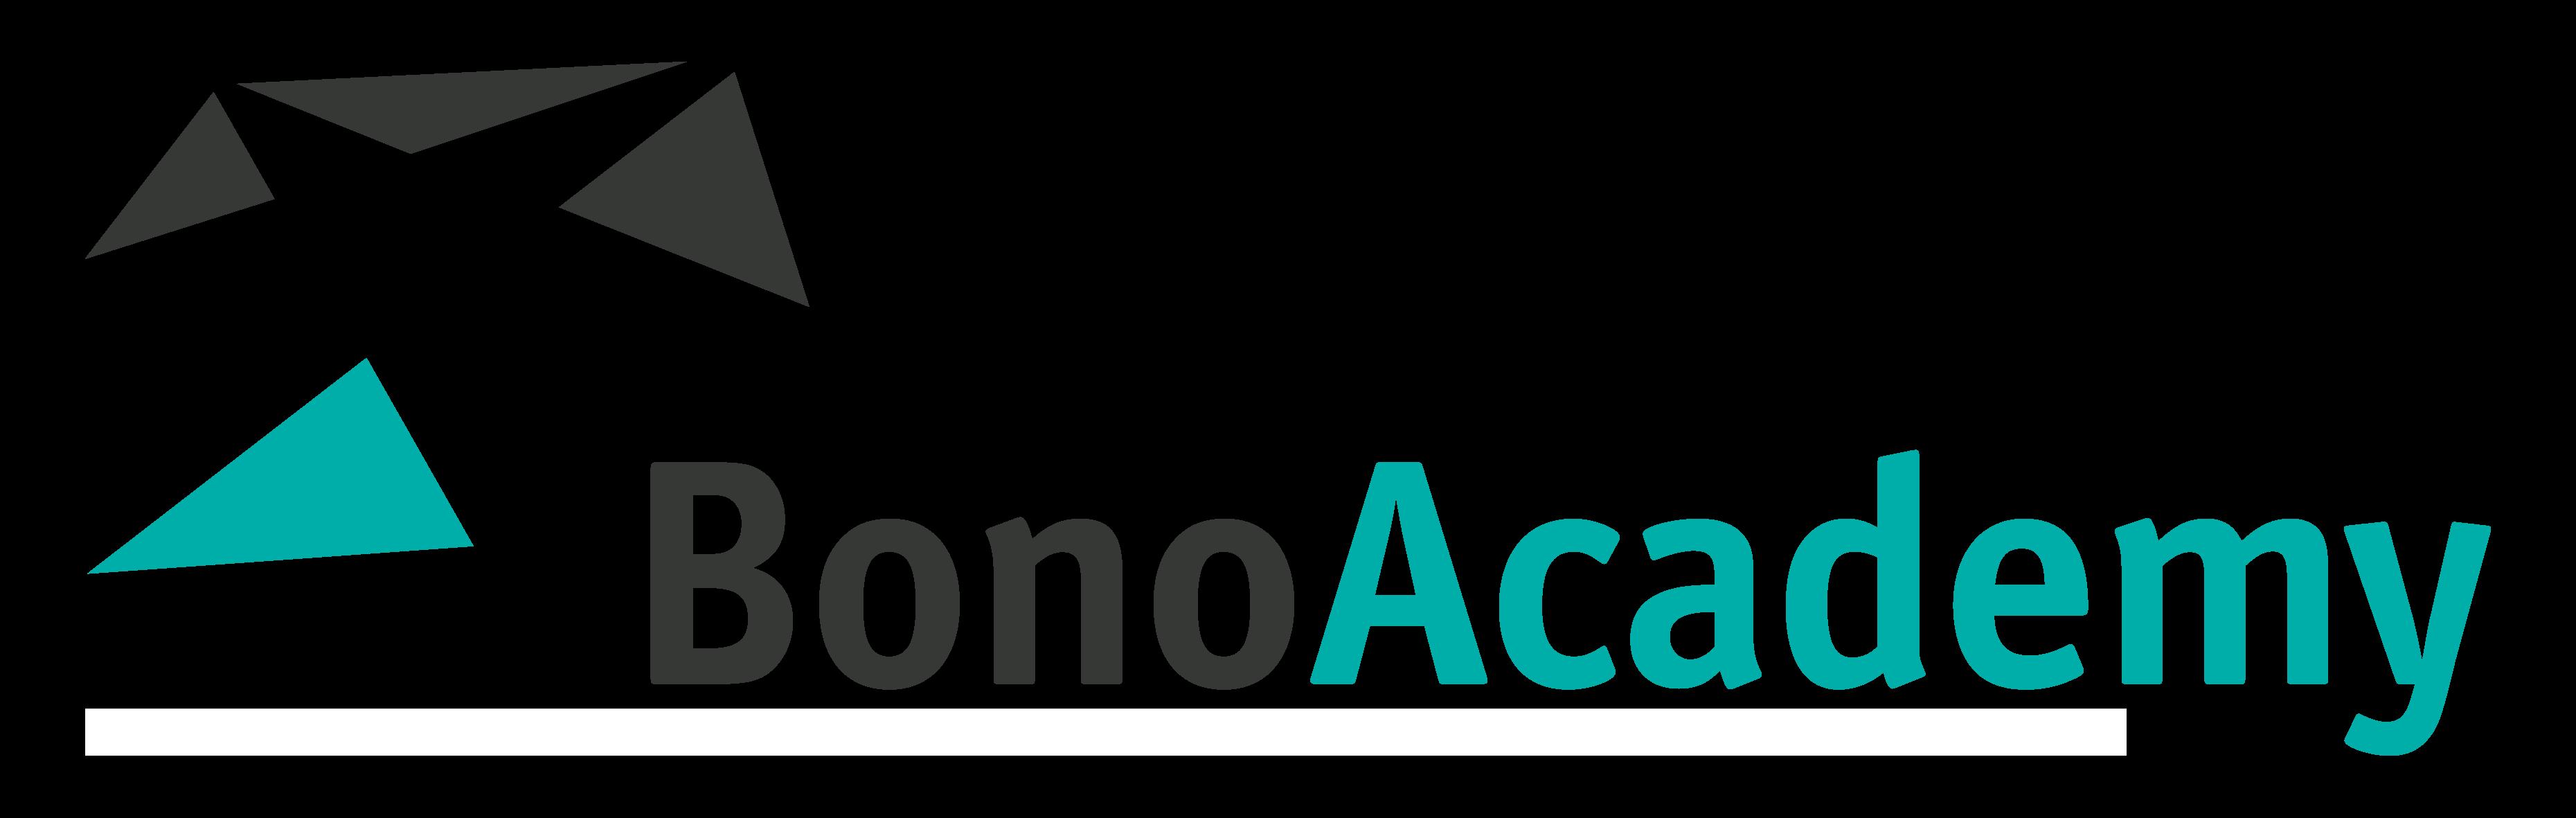 BonoAcademy